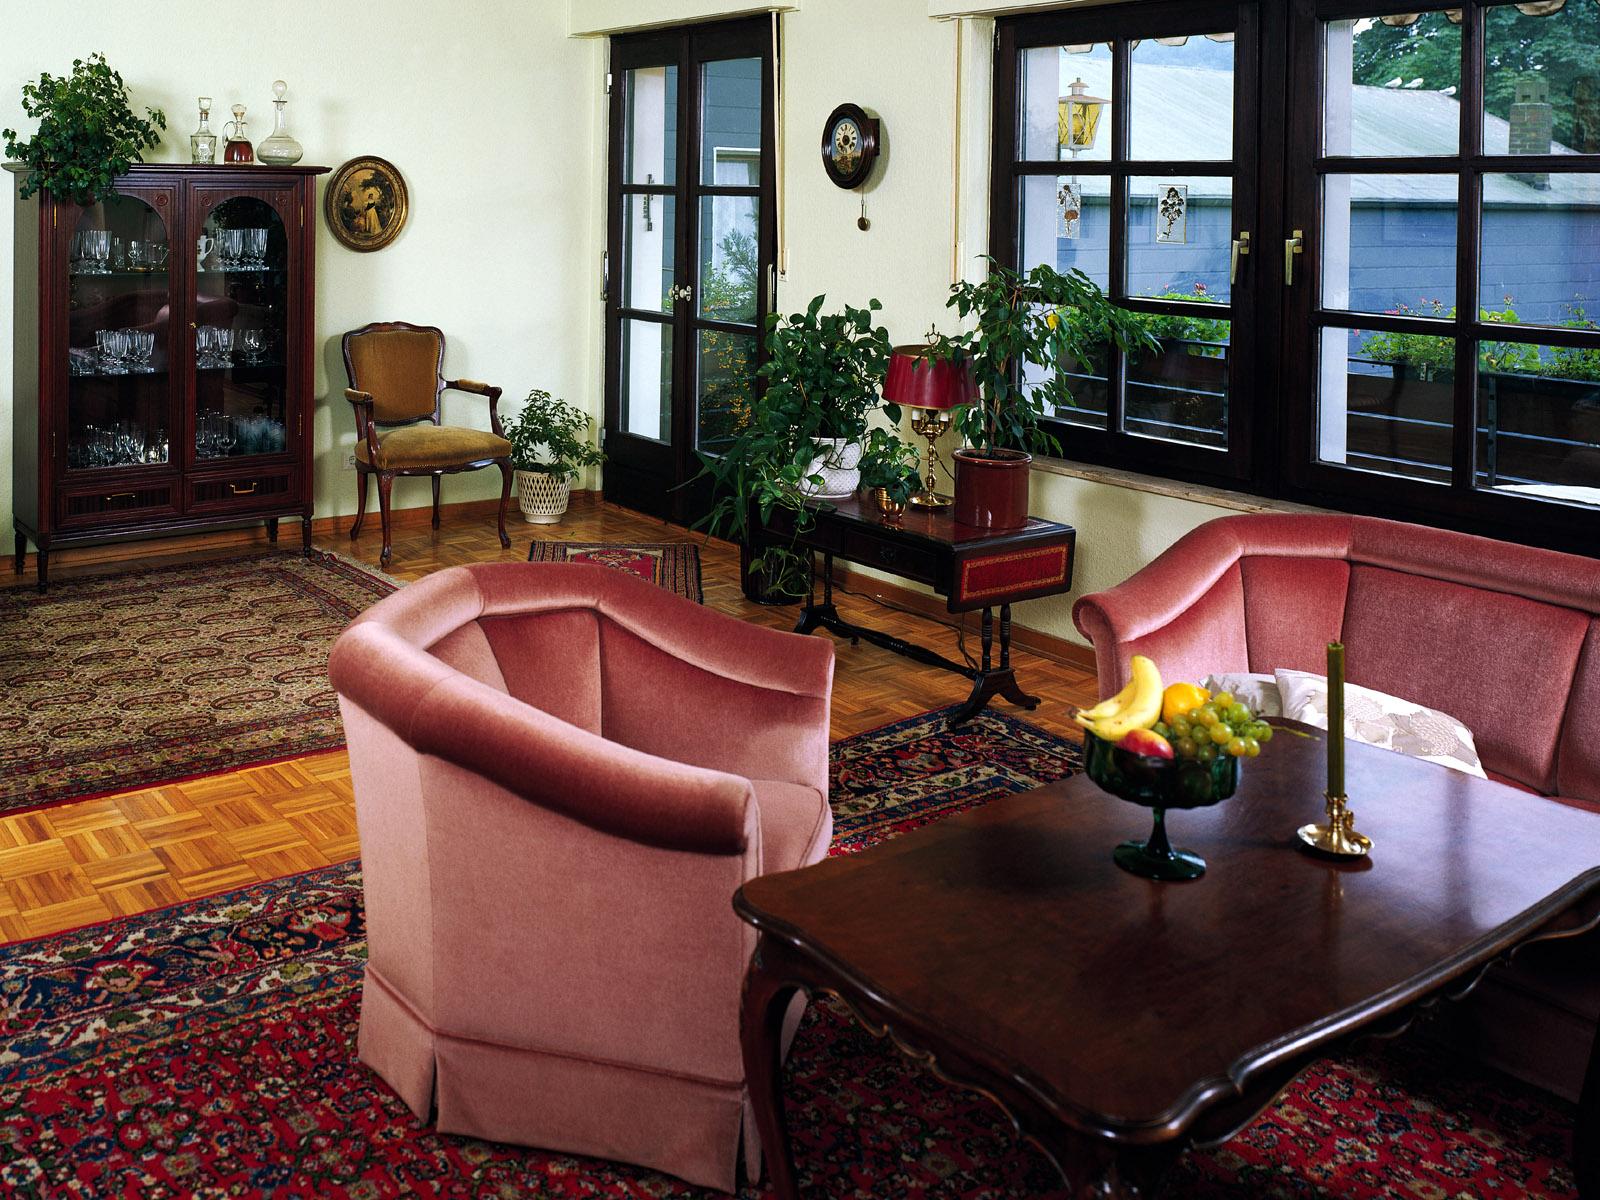 area rugs in livingroom